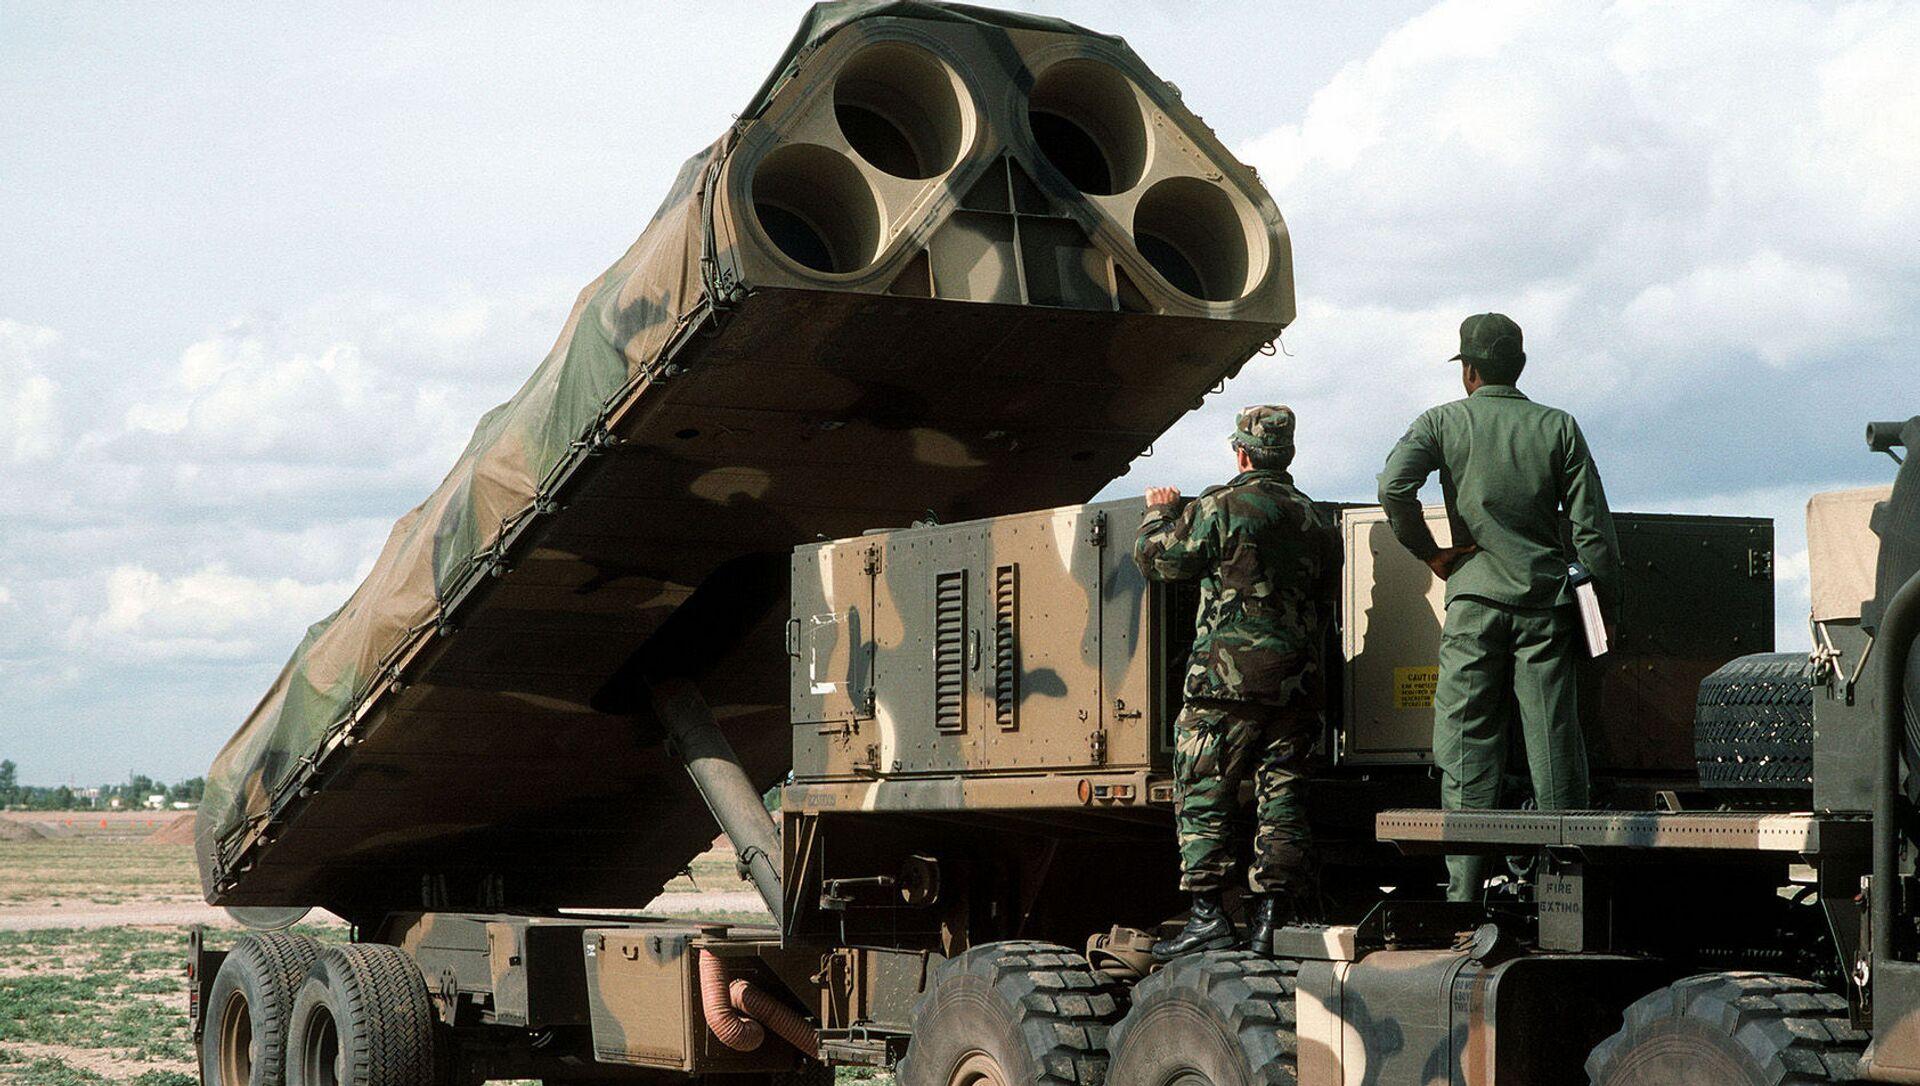 Američki mobilni lanserni sistem BGM-109G Grifon  - Sputnik Srbija, 1920, 18.02.2021